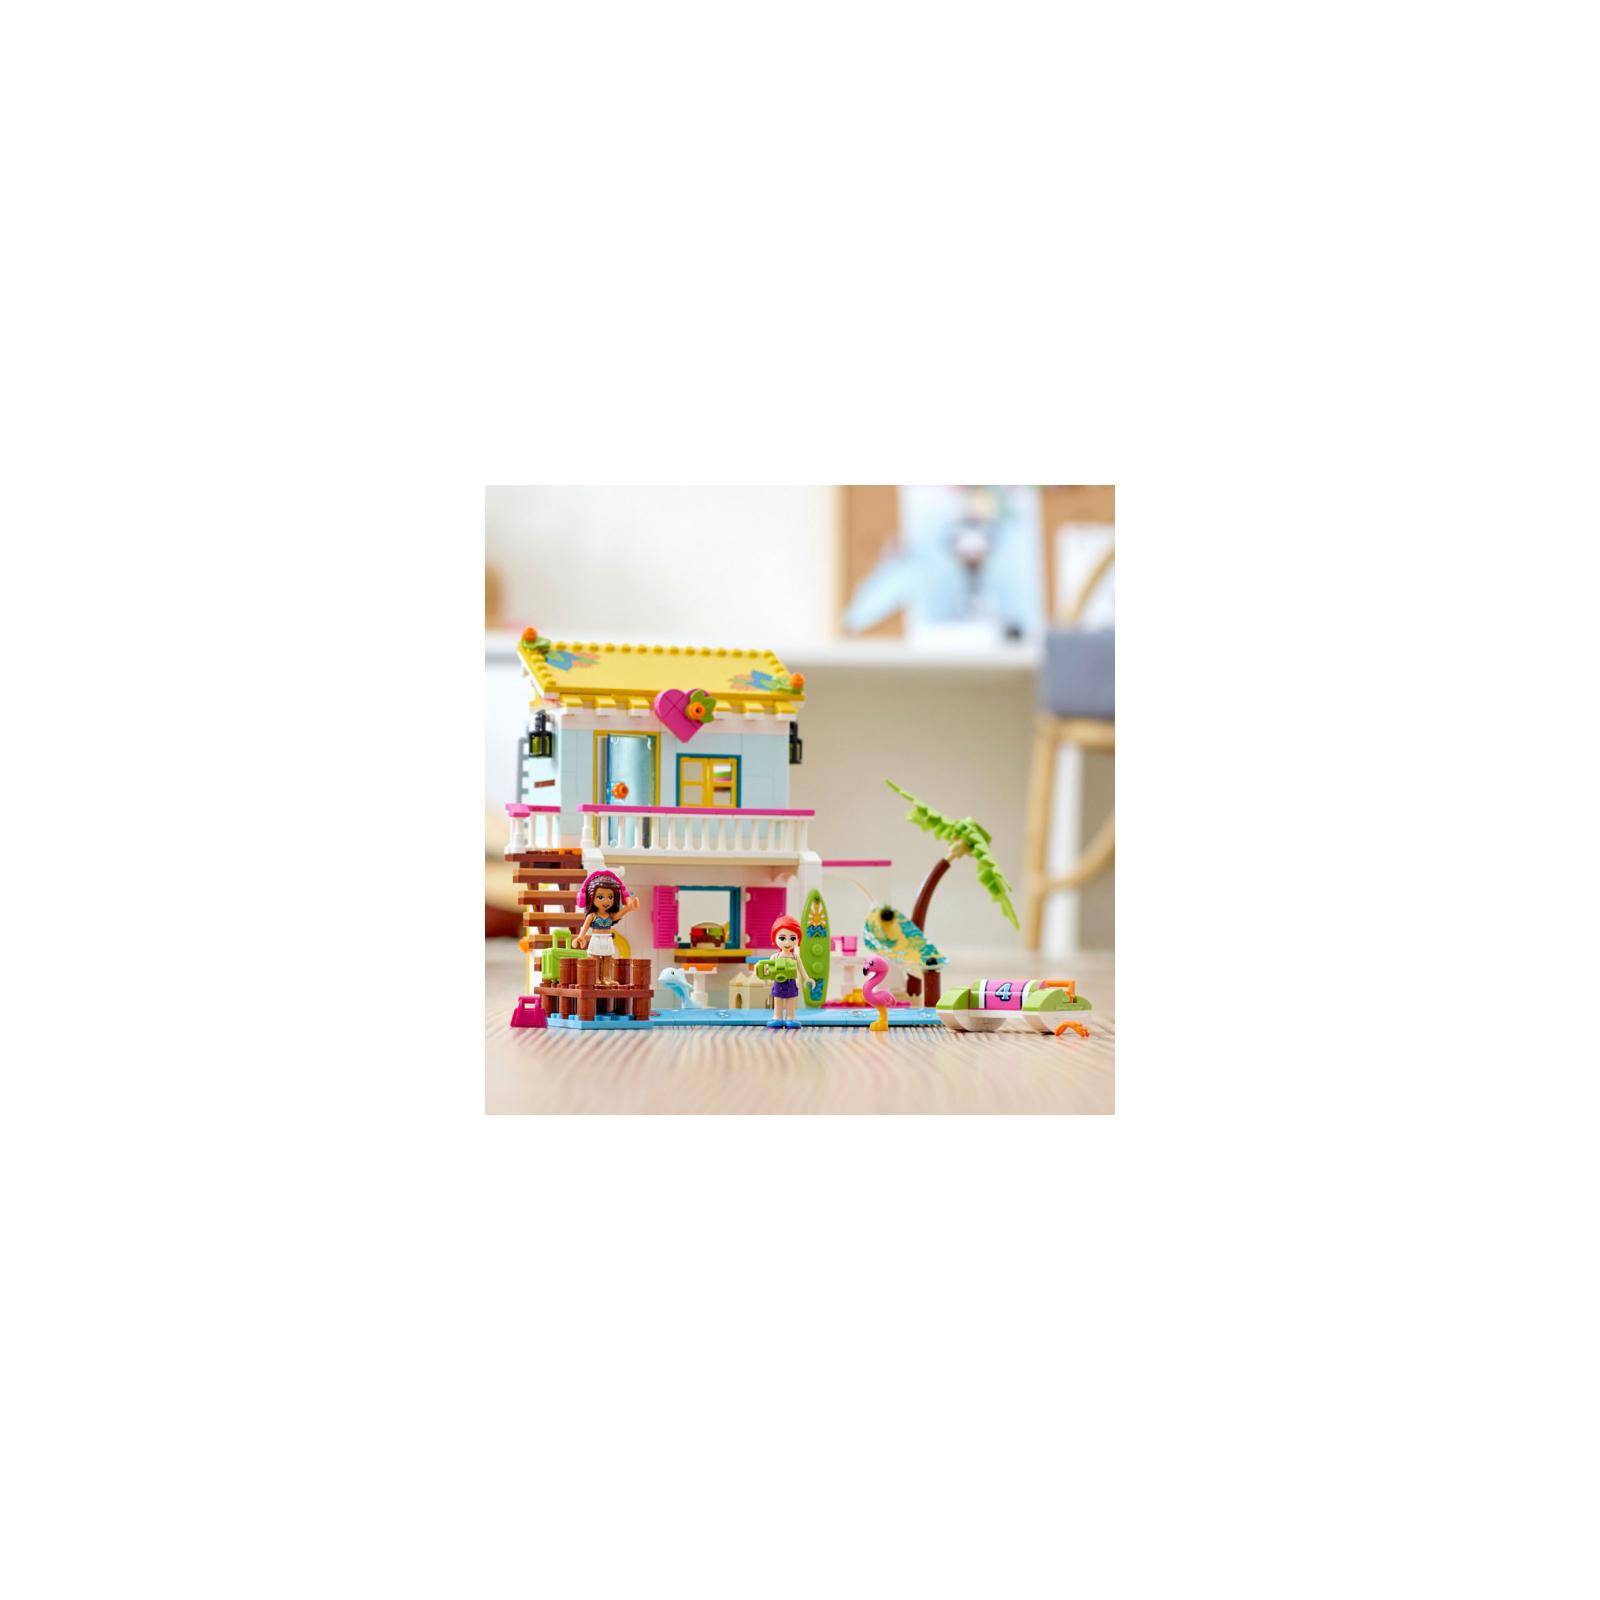 Конструктор LEGO Friends Пляжный домик 444 детали (41428) изображение 7